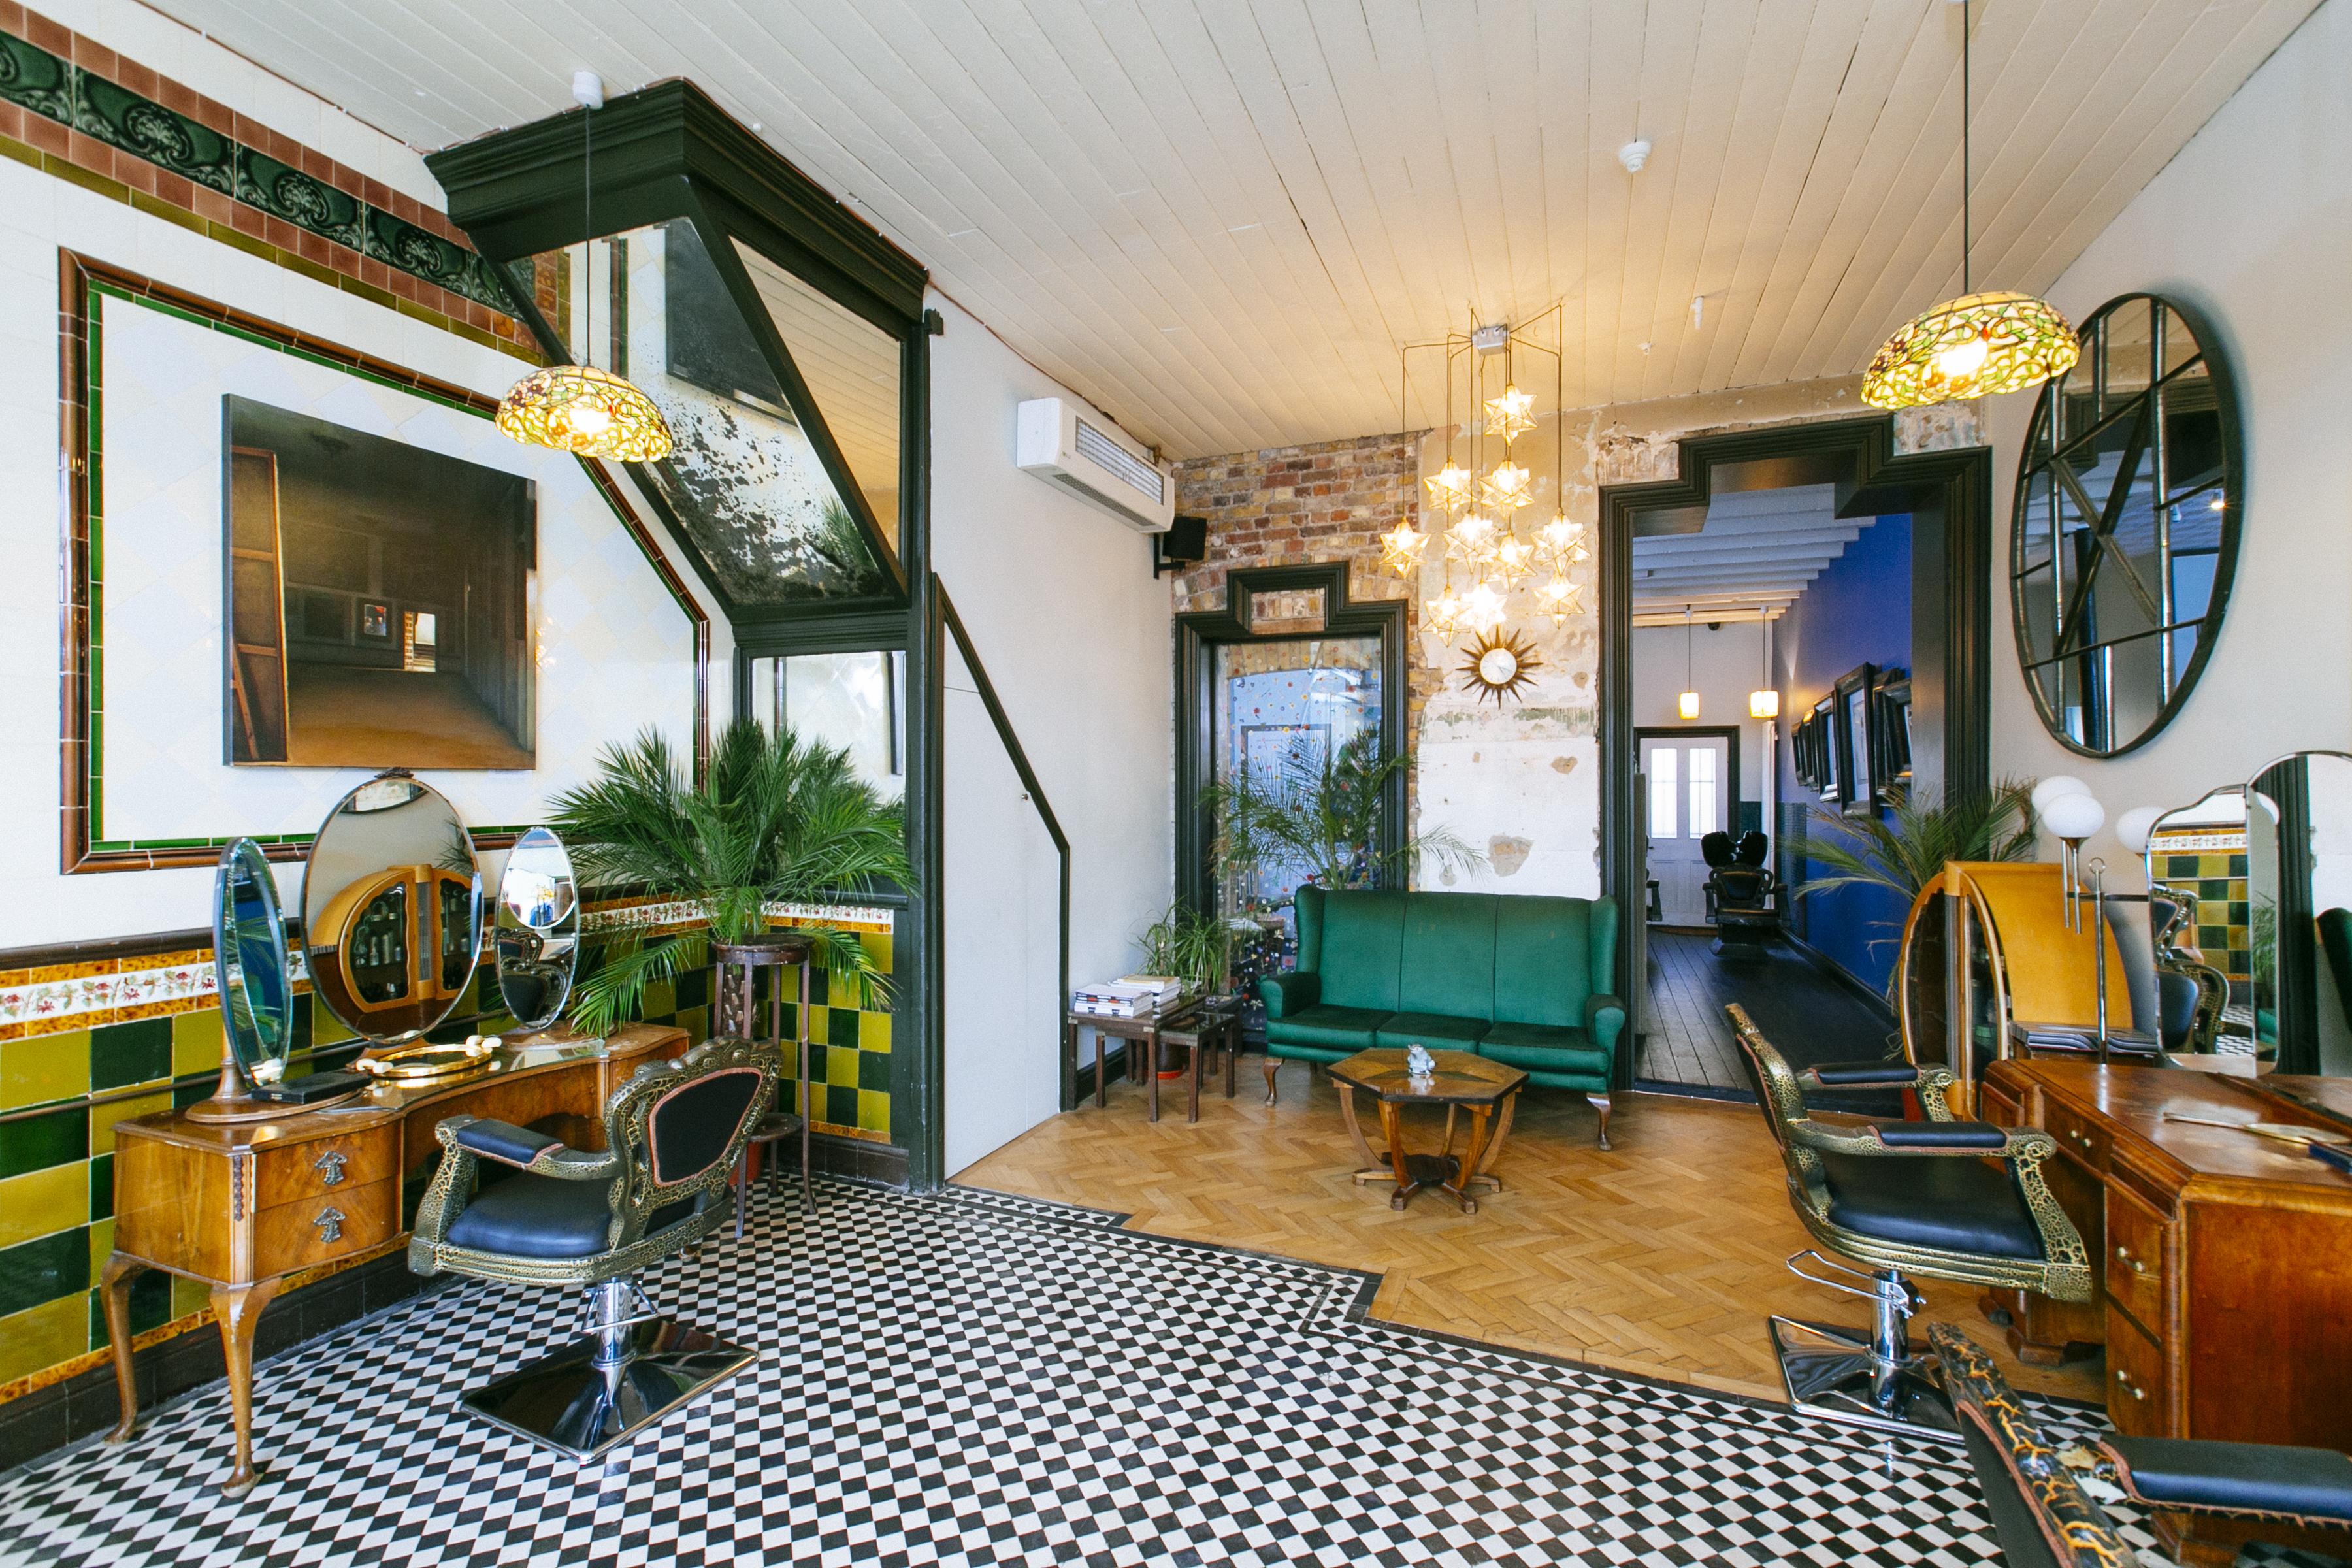 hairdressers in peckham interior